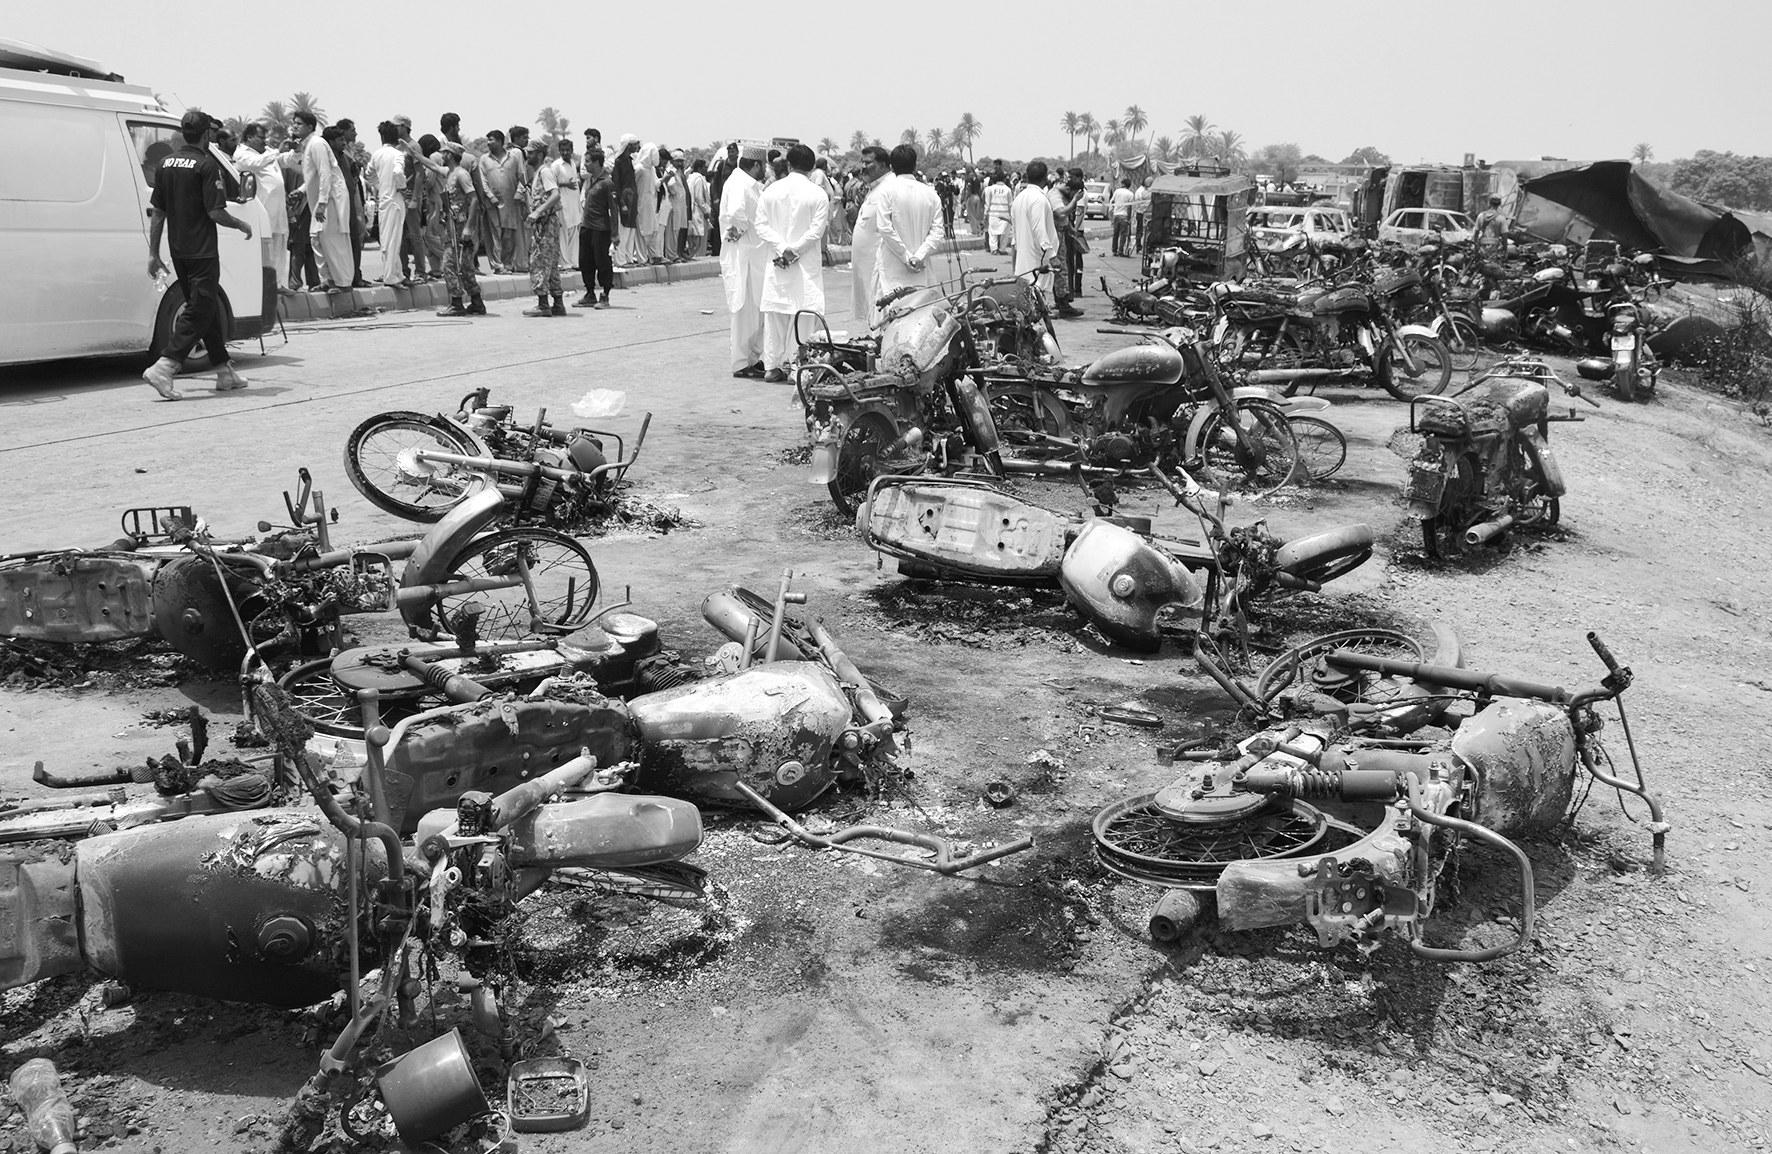 巴基斯坦油罐车爆炸至少128人死亡,巴媒:国家悲剧